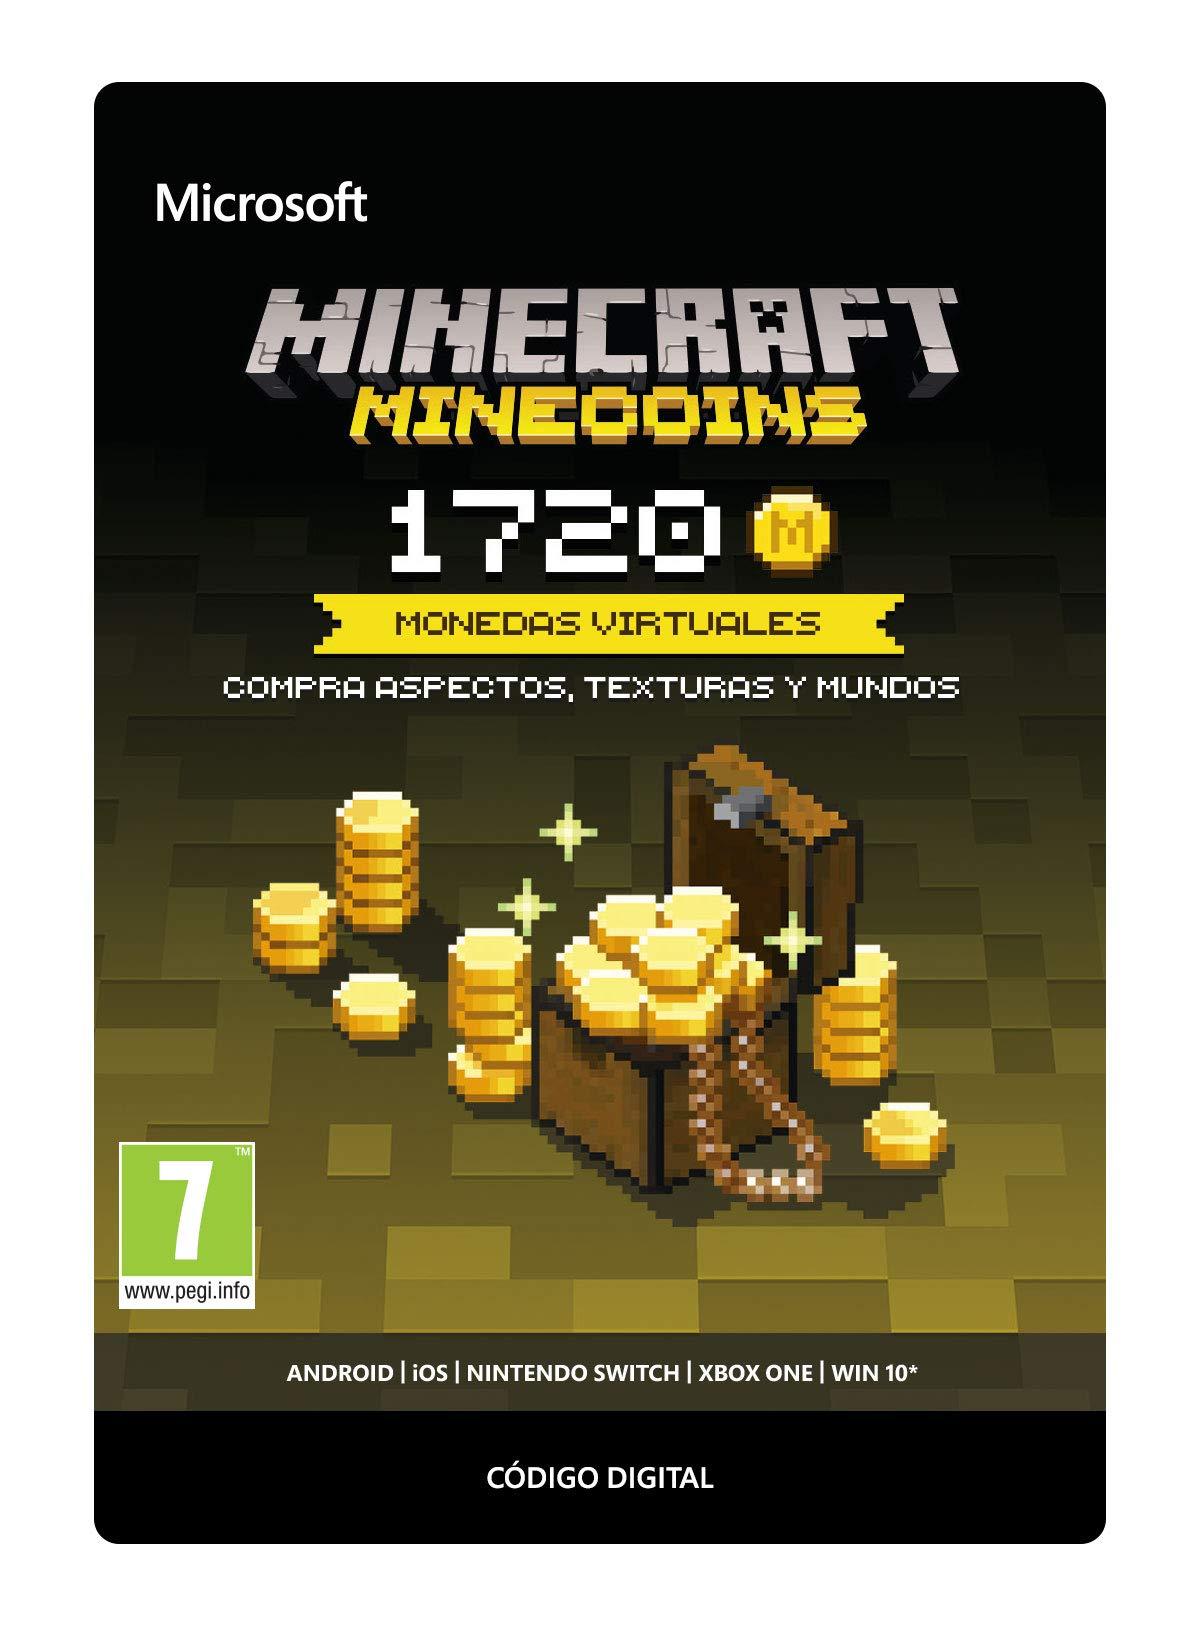 Minecraft - Minecoins Pack: 1720 Monedas, Xbox One, Online Game Code: Amazon.es: Videojuegos